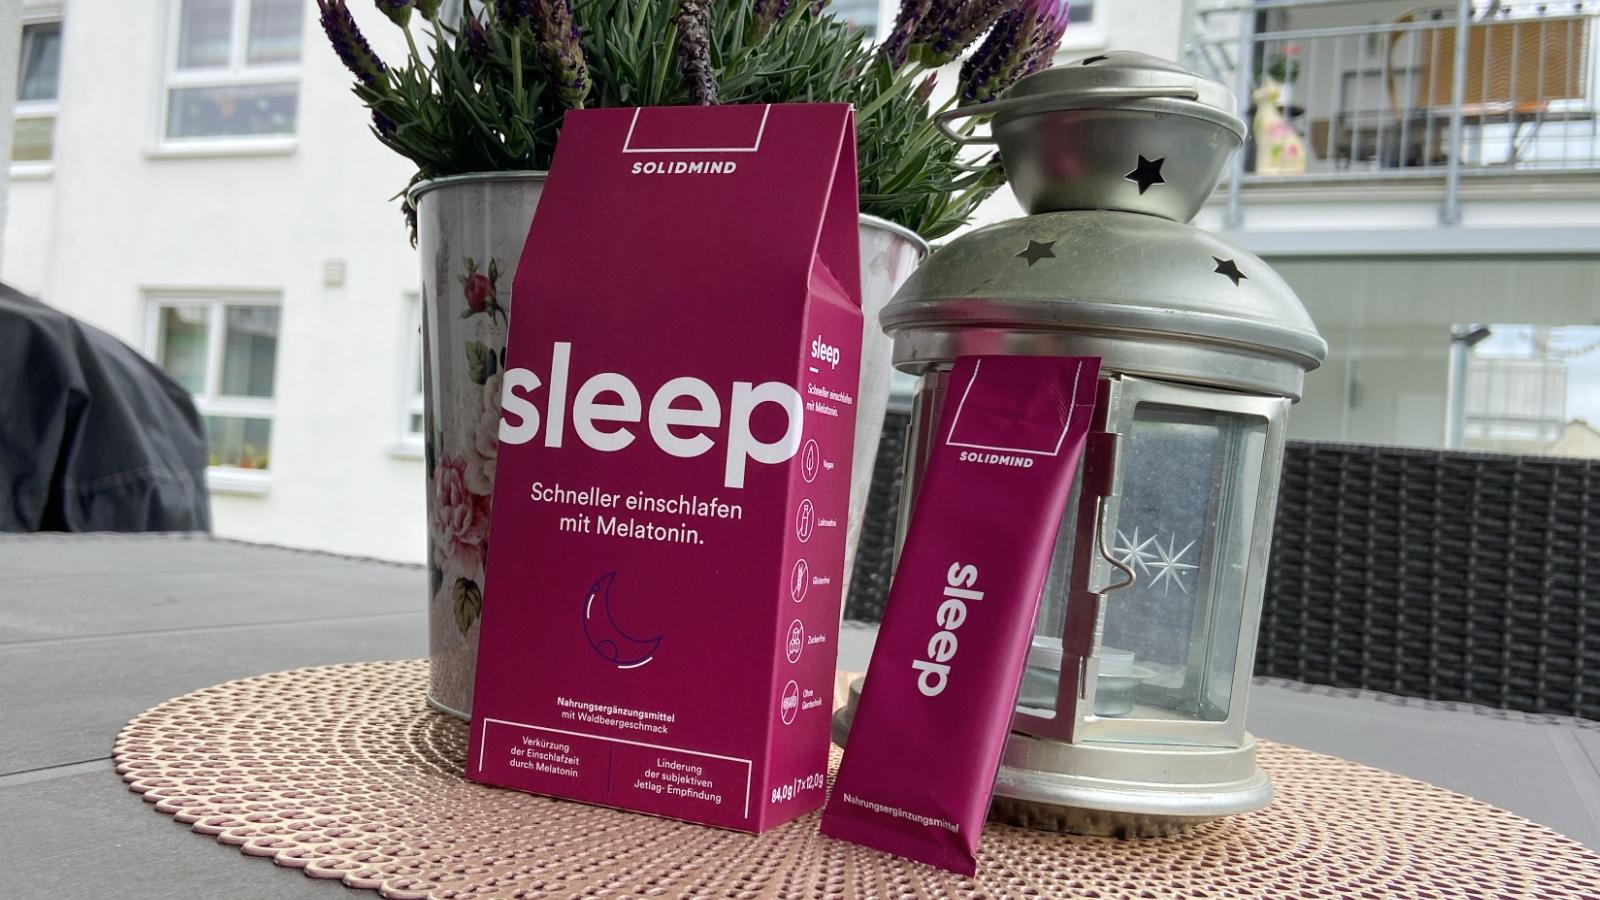 Schneller einschlafen mit Melatonin: Solidmind Sleep im